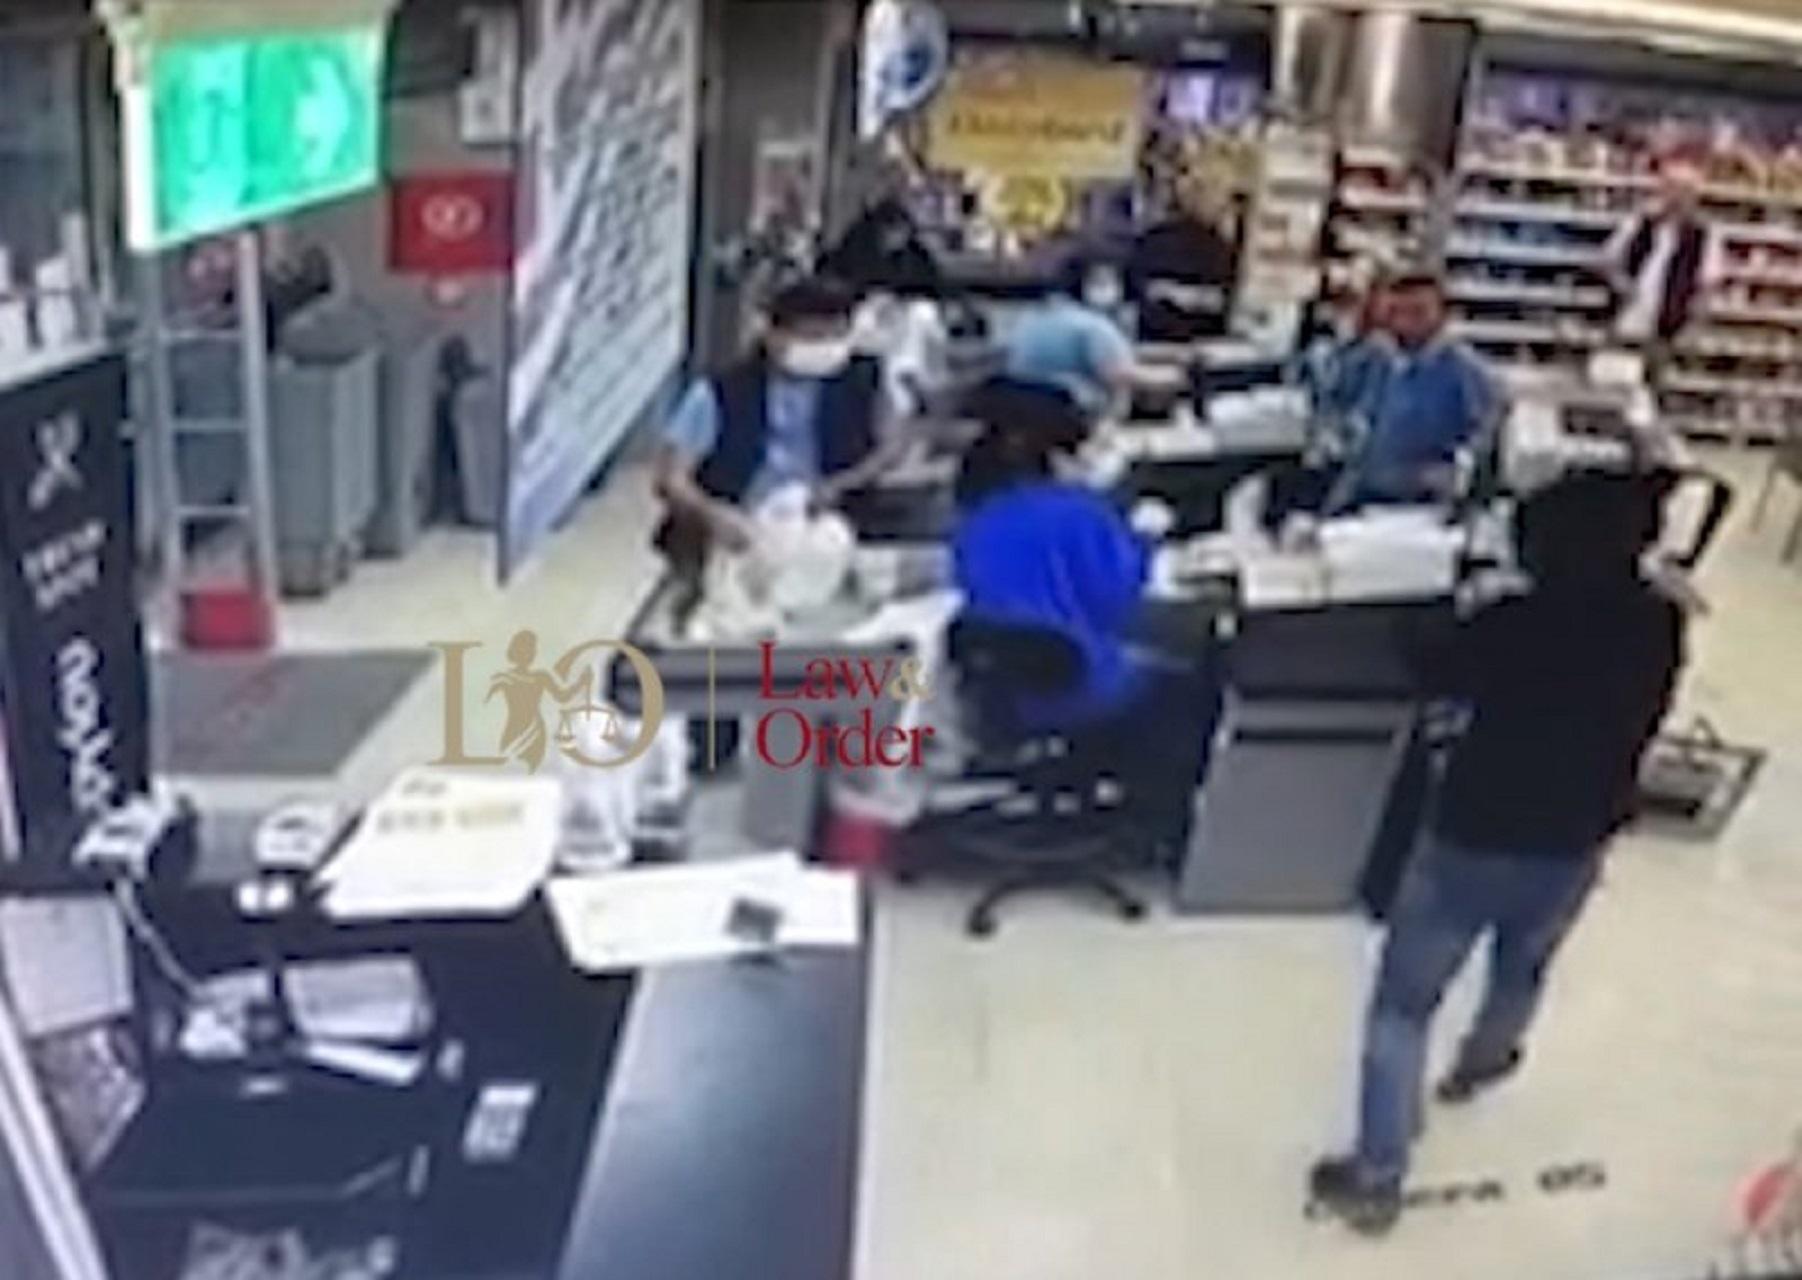 Βίντεο ντοκουμέντο από την ένοπλη ληστεία σε σούπερ μάρκετ στη Νέα Φιλαδέλφεια